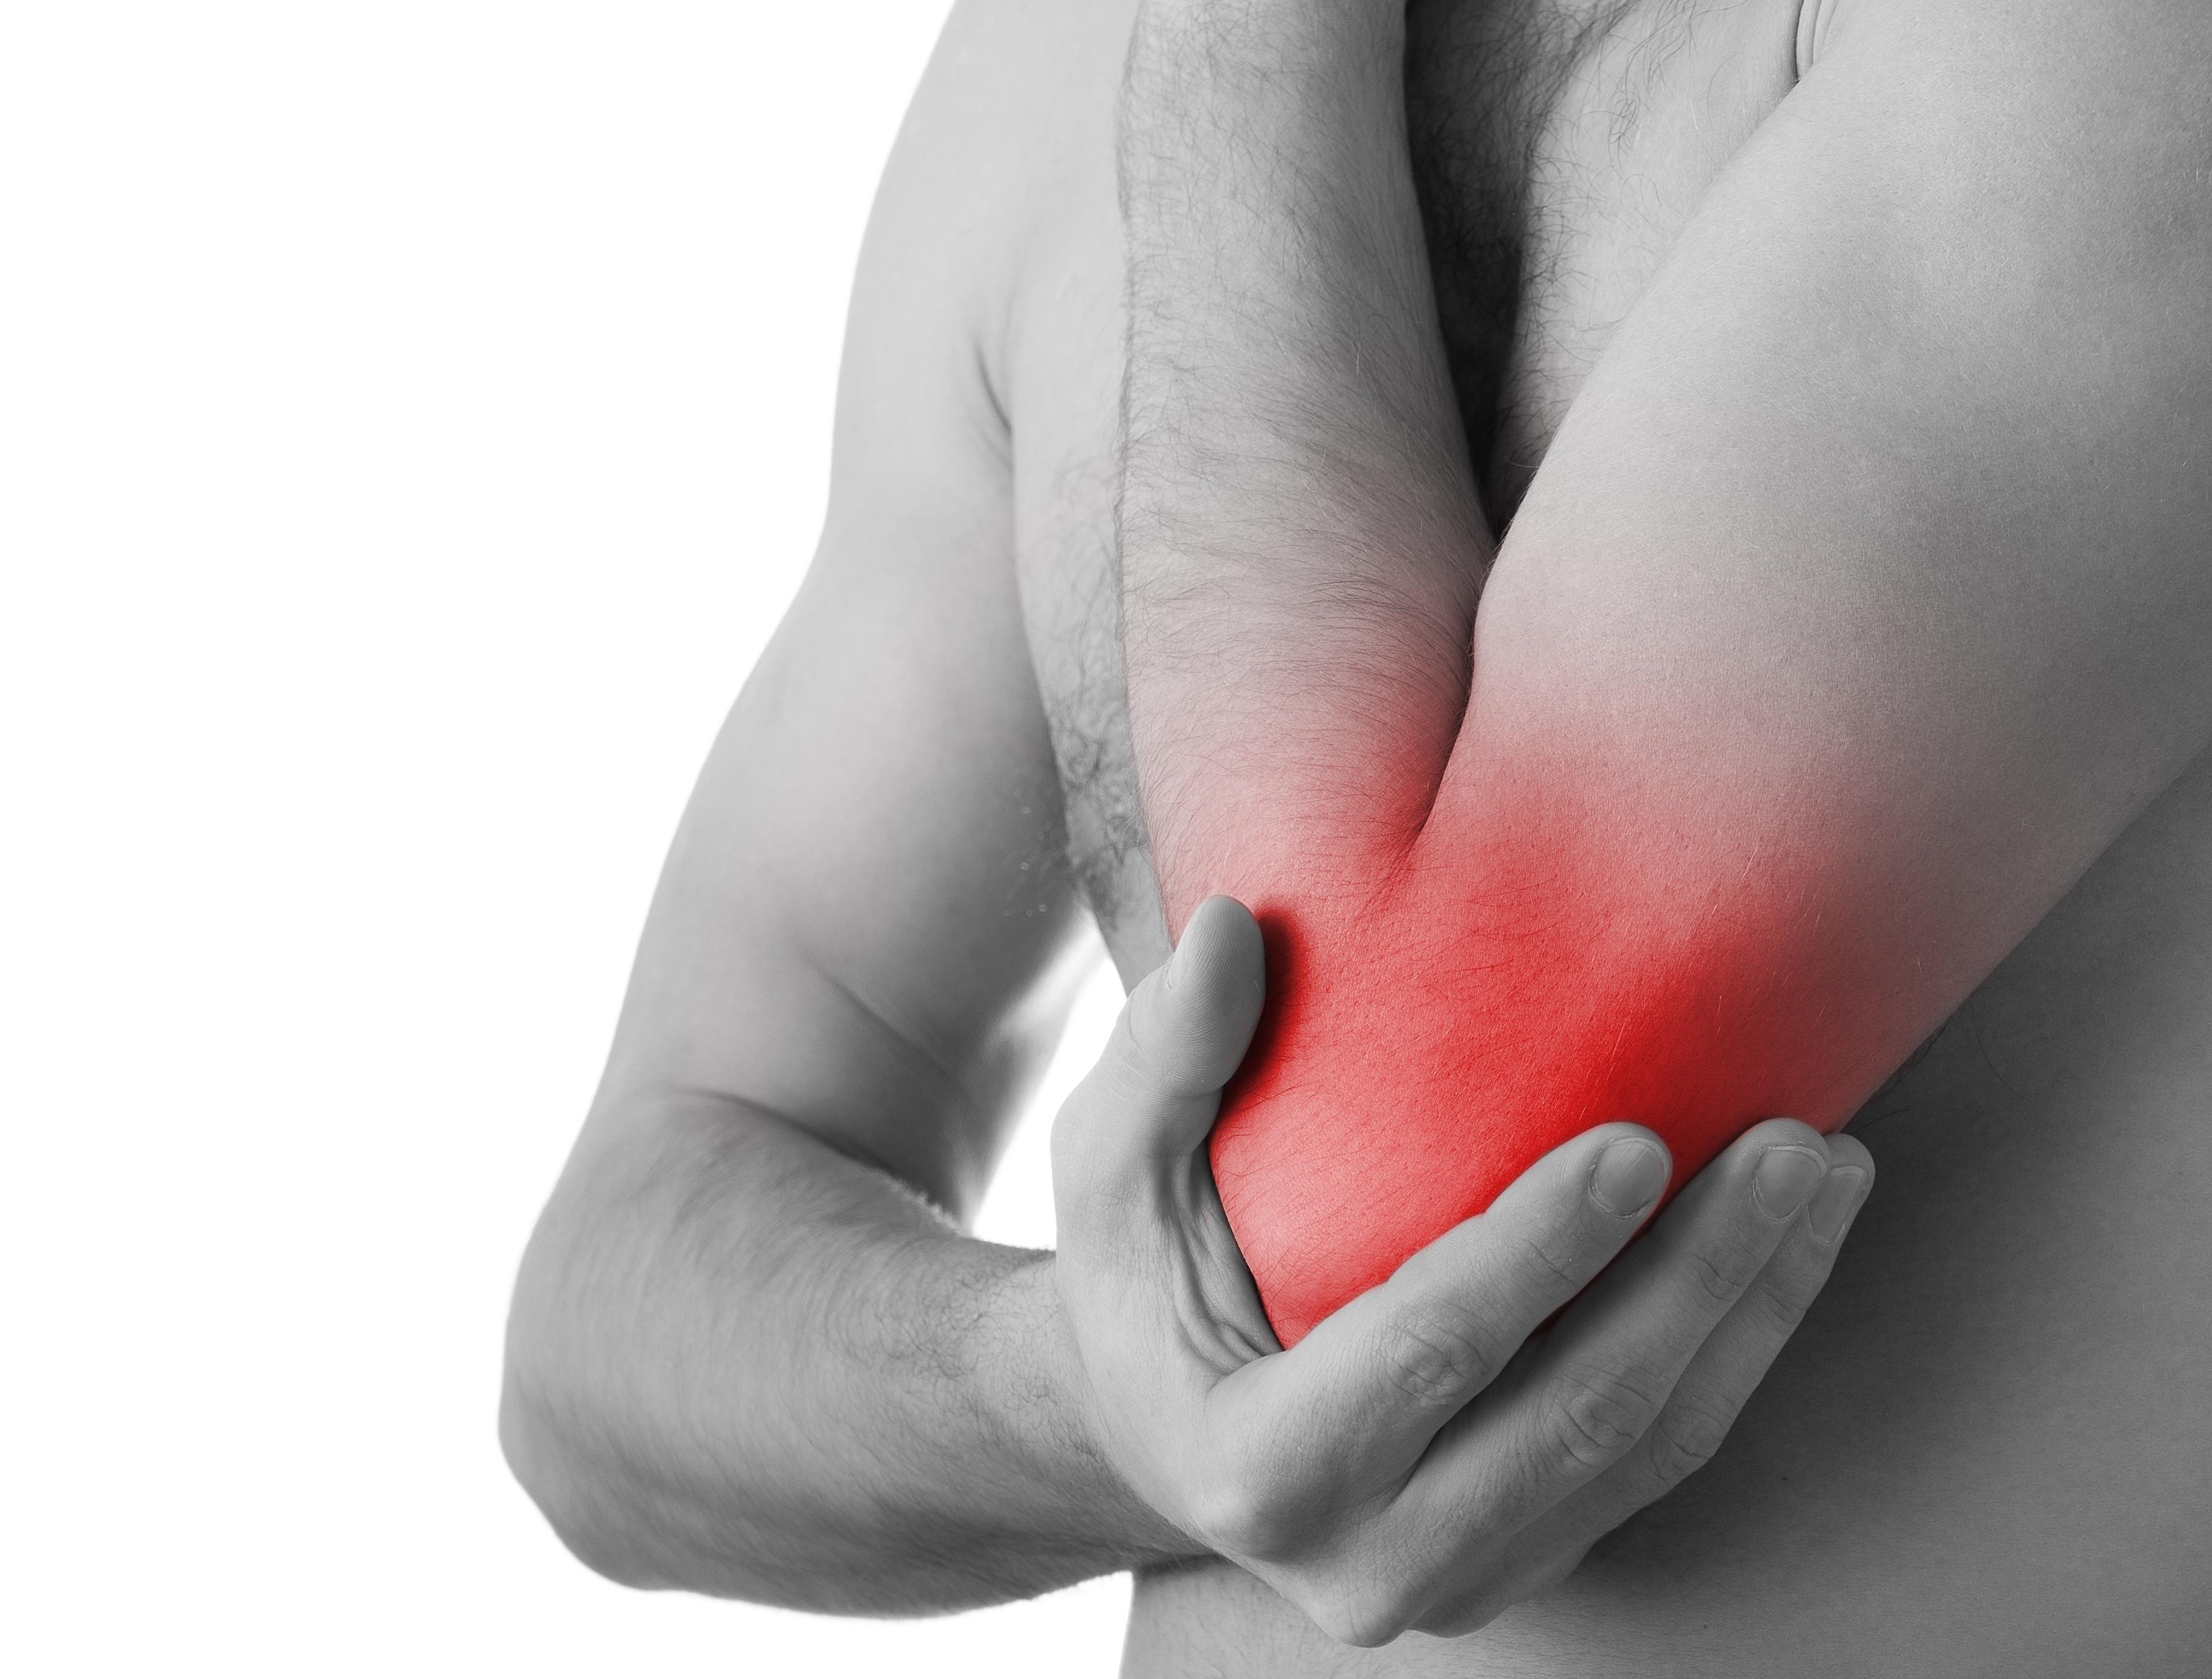 hogyan lehet az osteoarthritis kenőcsökkel kezelni)